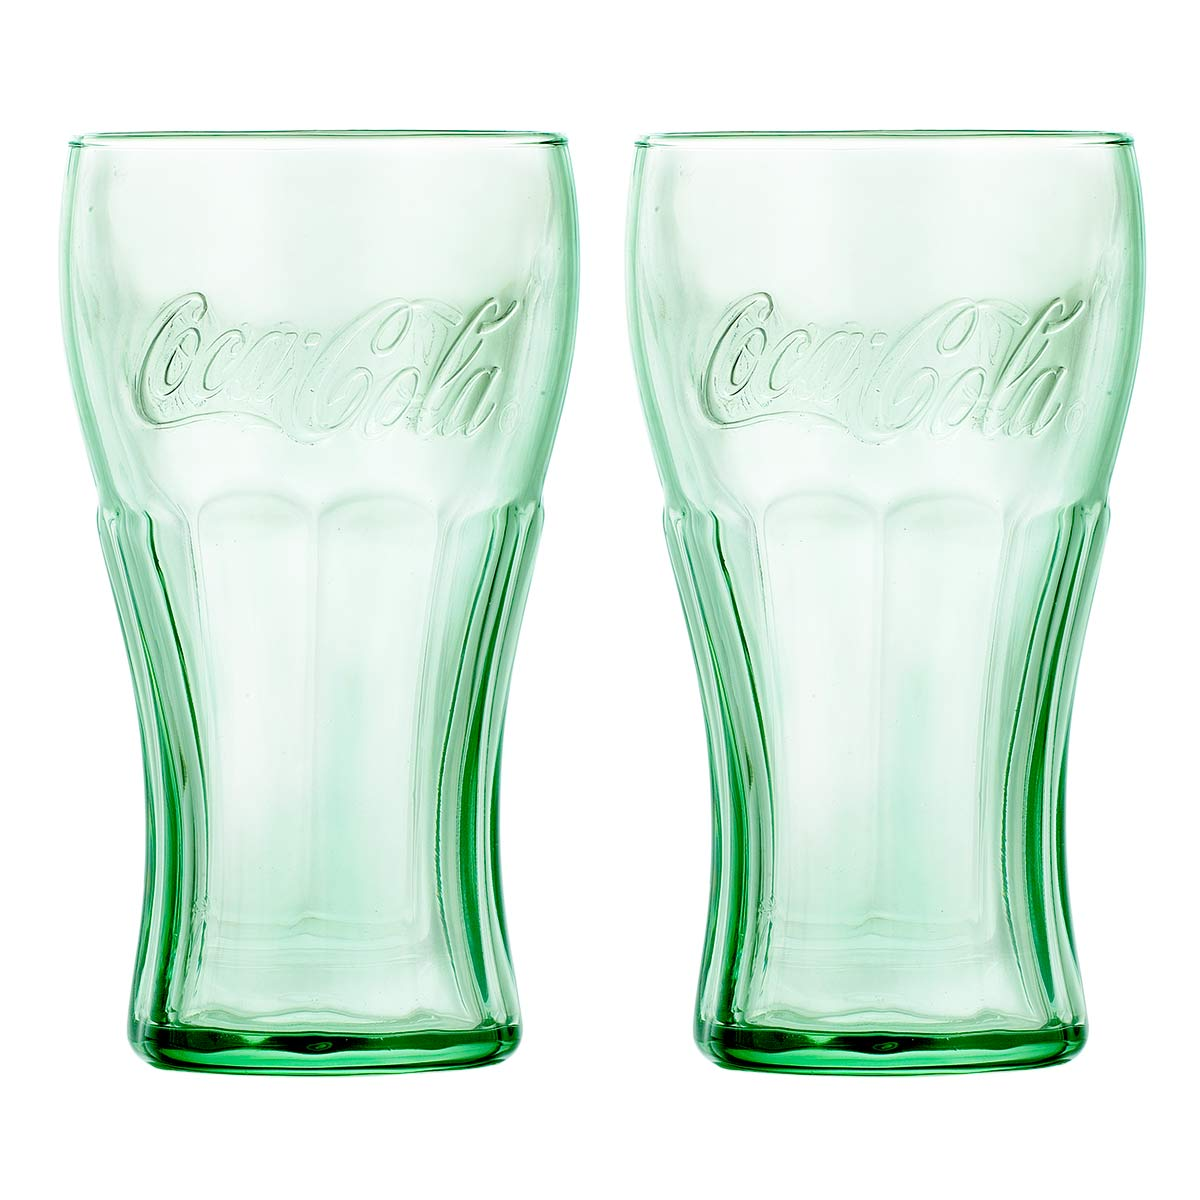 Juego Vasos Vidrio 2Pzas Coca Cola 495Ml Beber Cocina Libbey